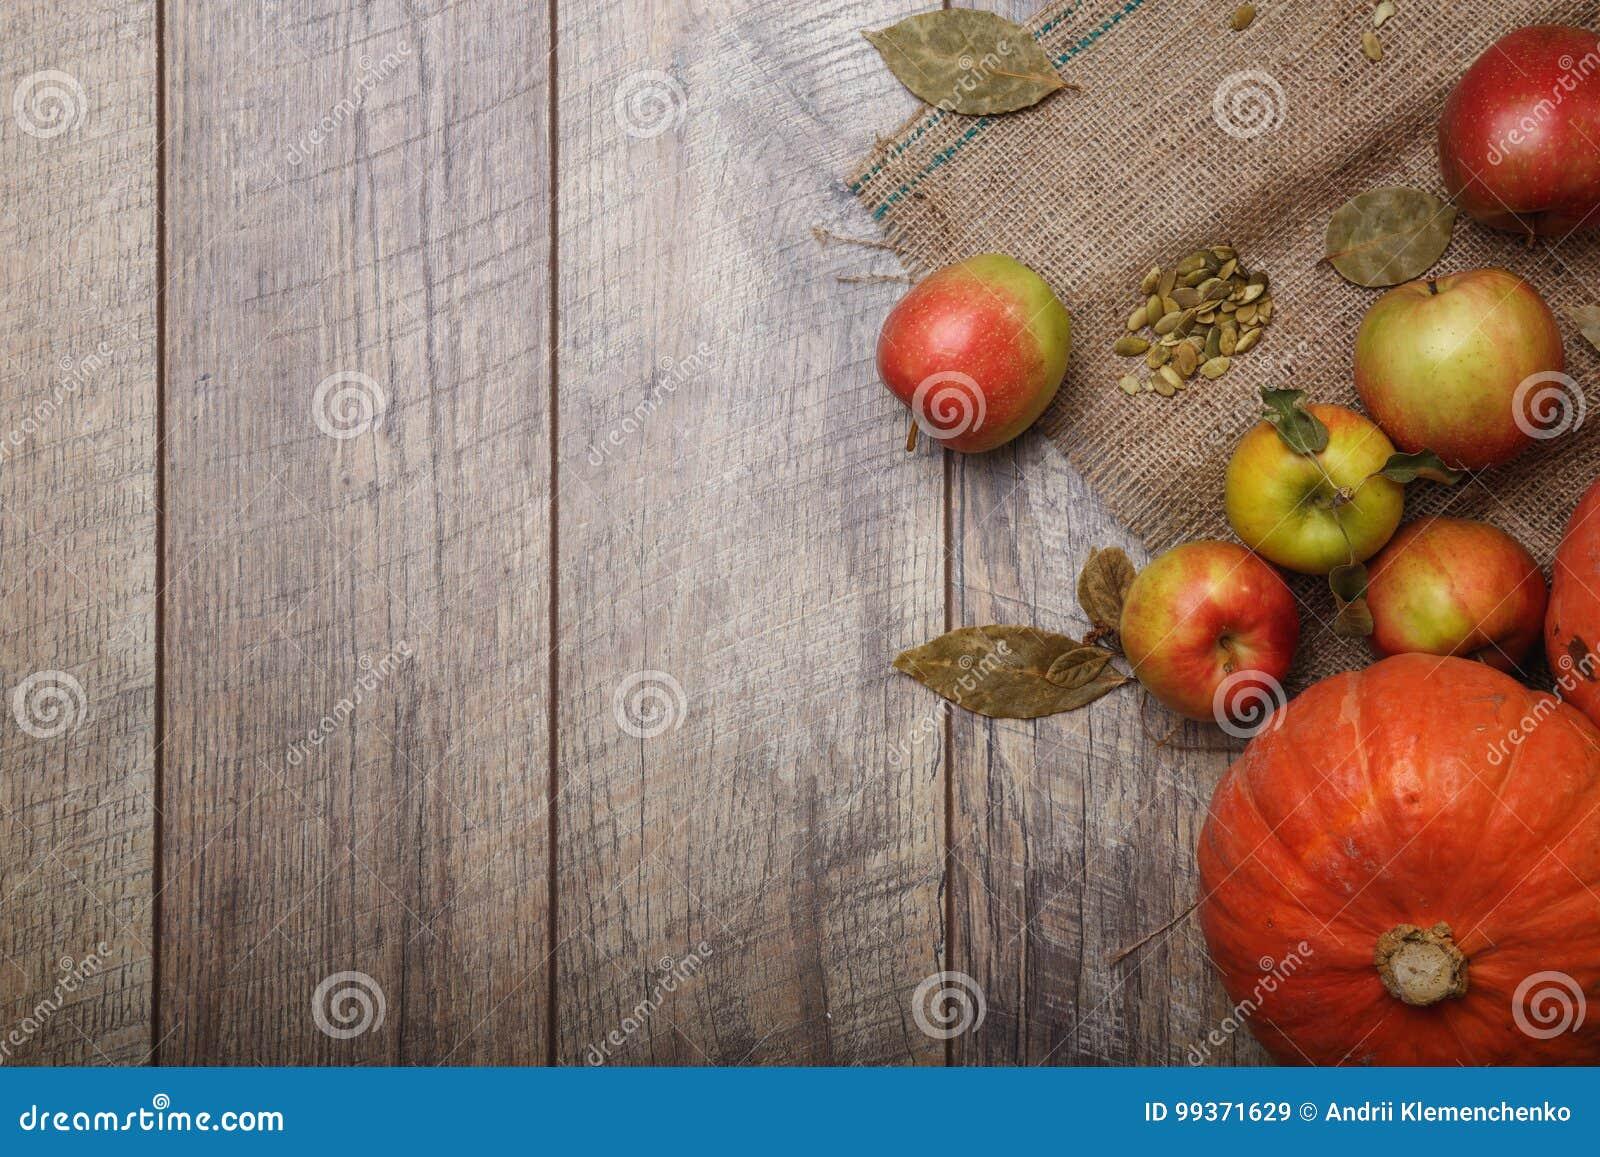 Une vue supérieure des deux potirons lumineux lumineux et des pommes colorées sur un tissu rustique sur un fond en bois Copiez l